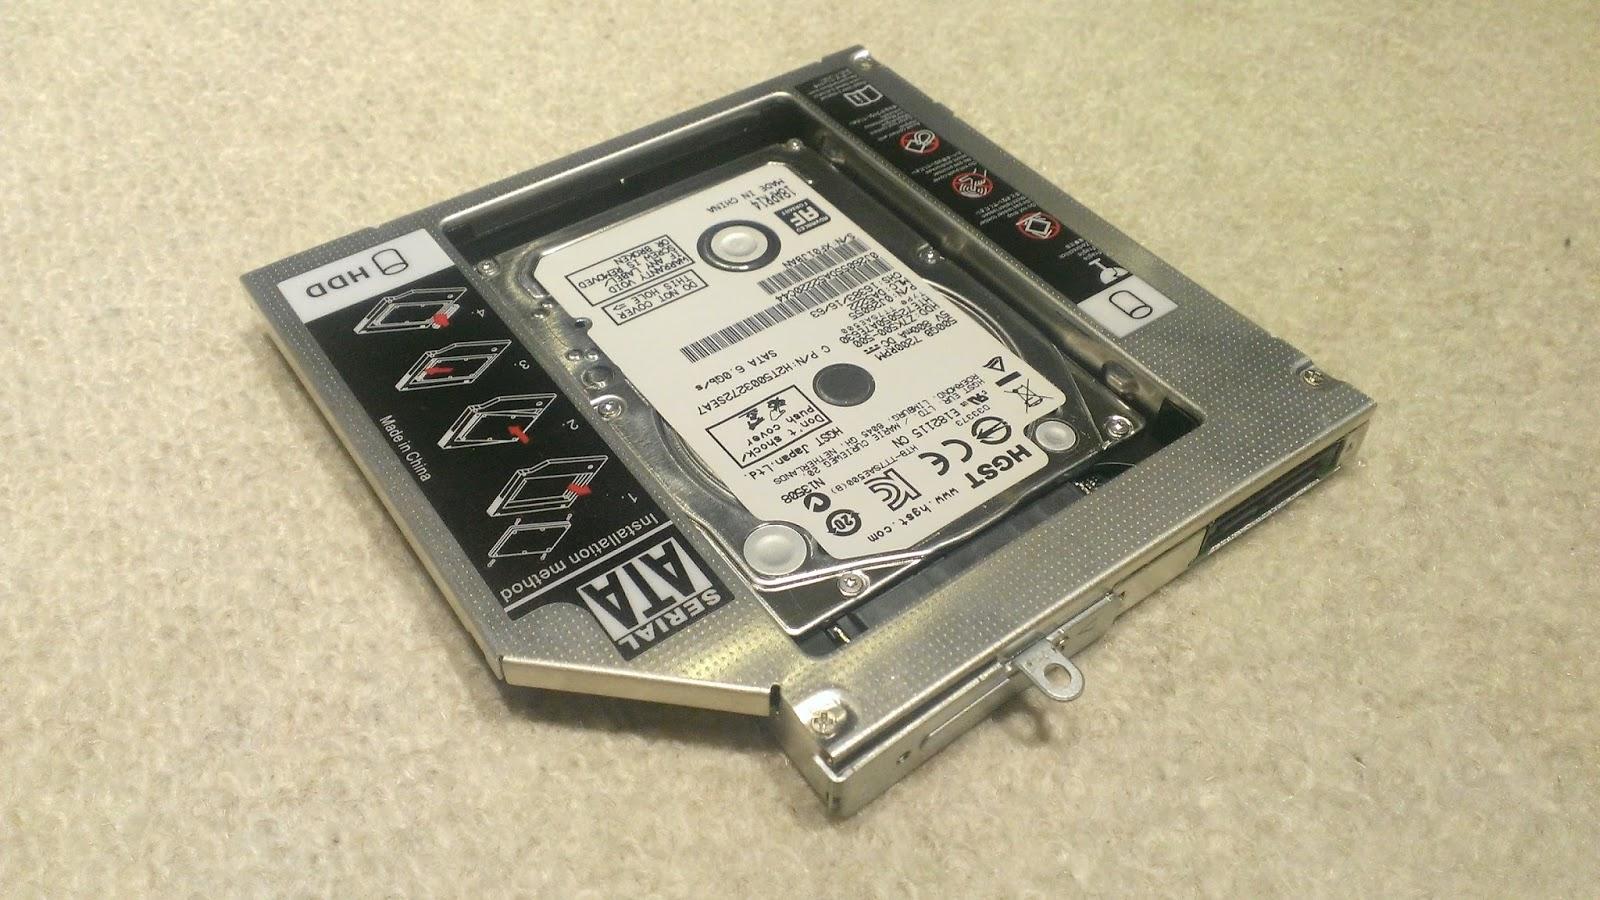 Festplatte im Second HDD Caddy  einbauen